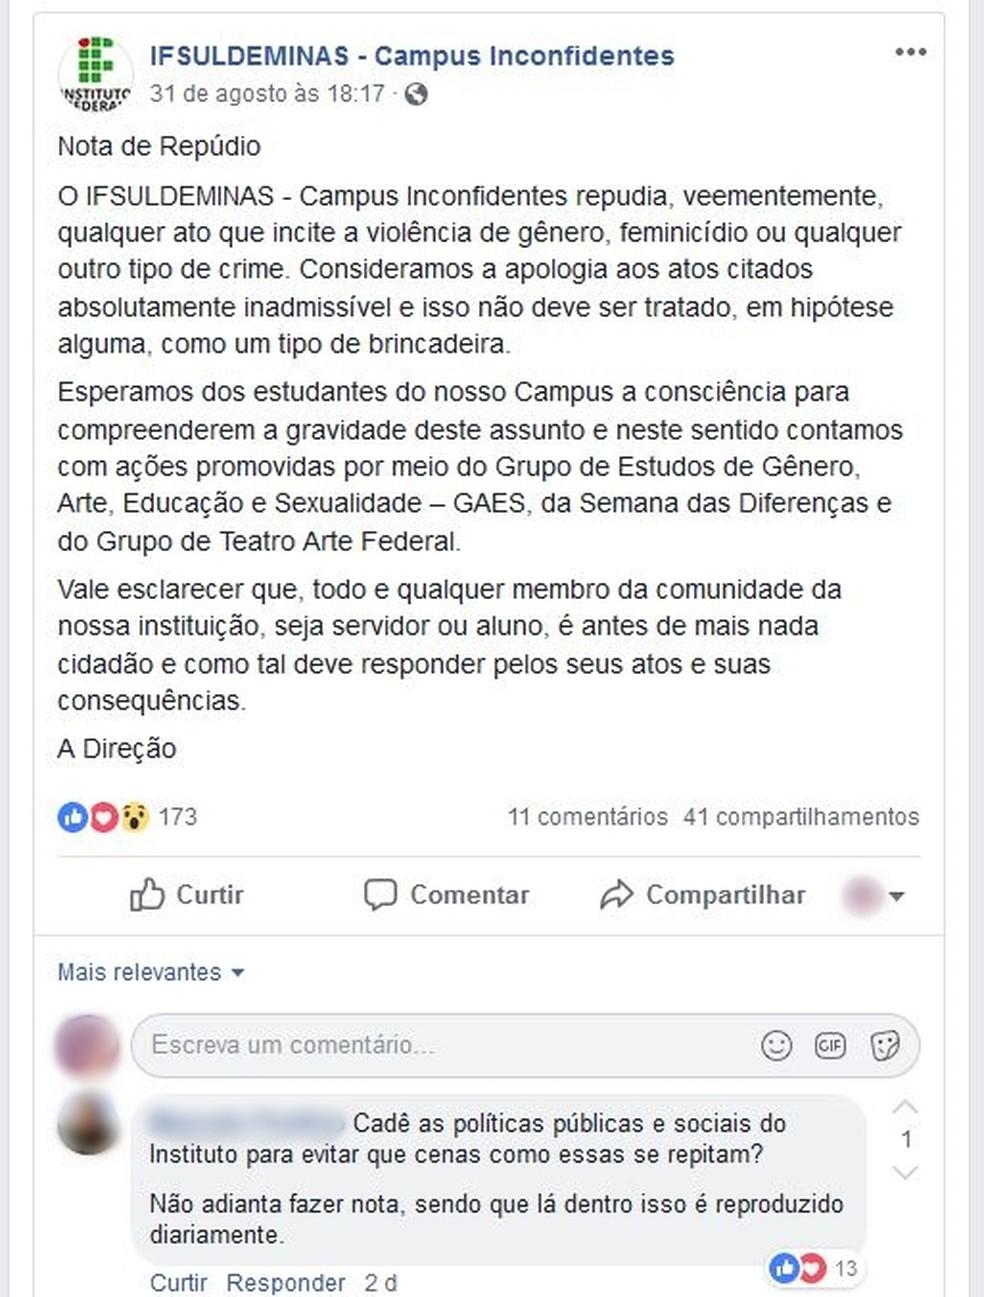 Instituto Federal divulgou nota nas redes sociais sobre caso em Inconfidentes (MG) (Foto: Reprodução/Facebook)